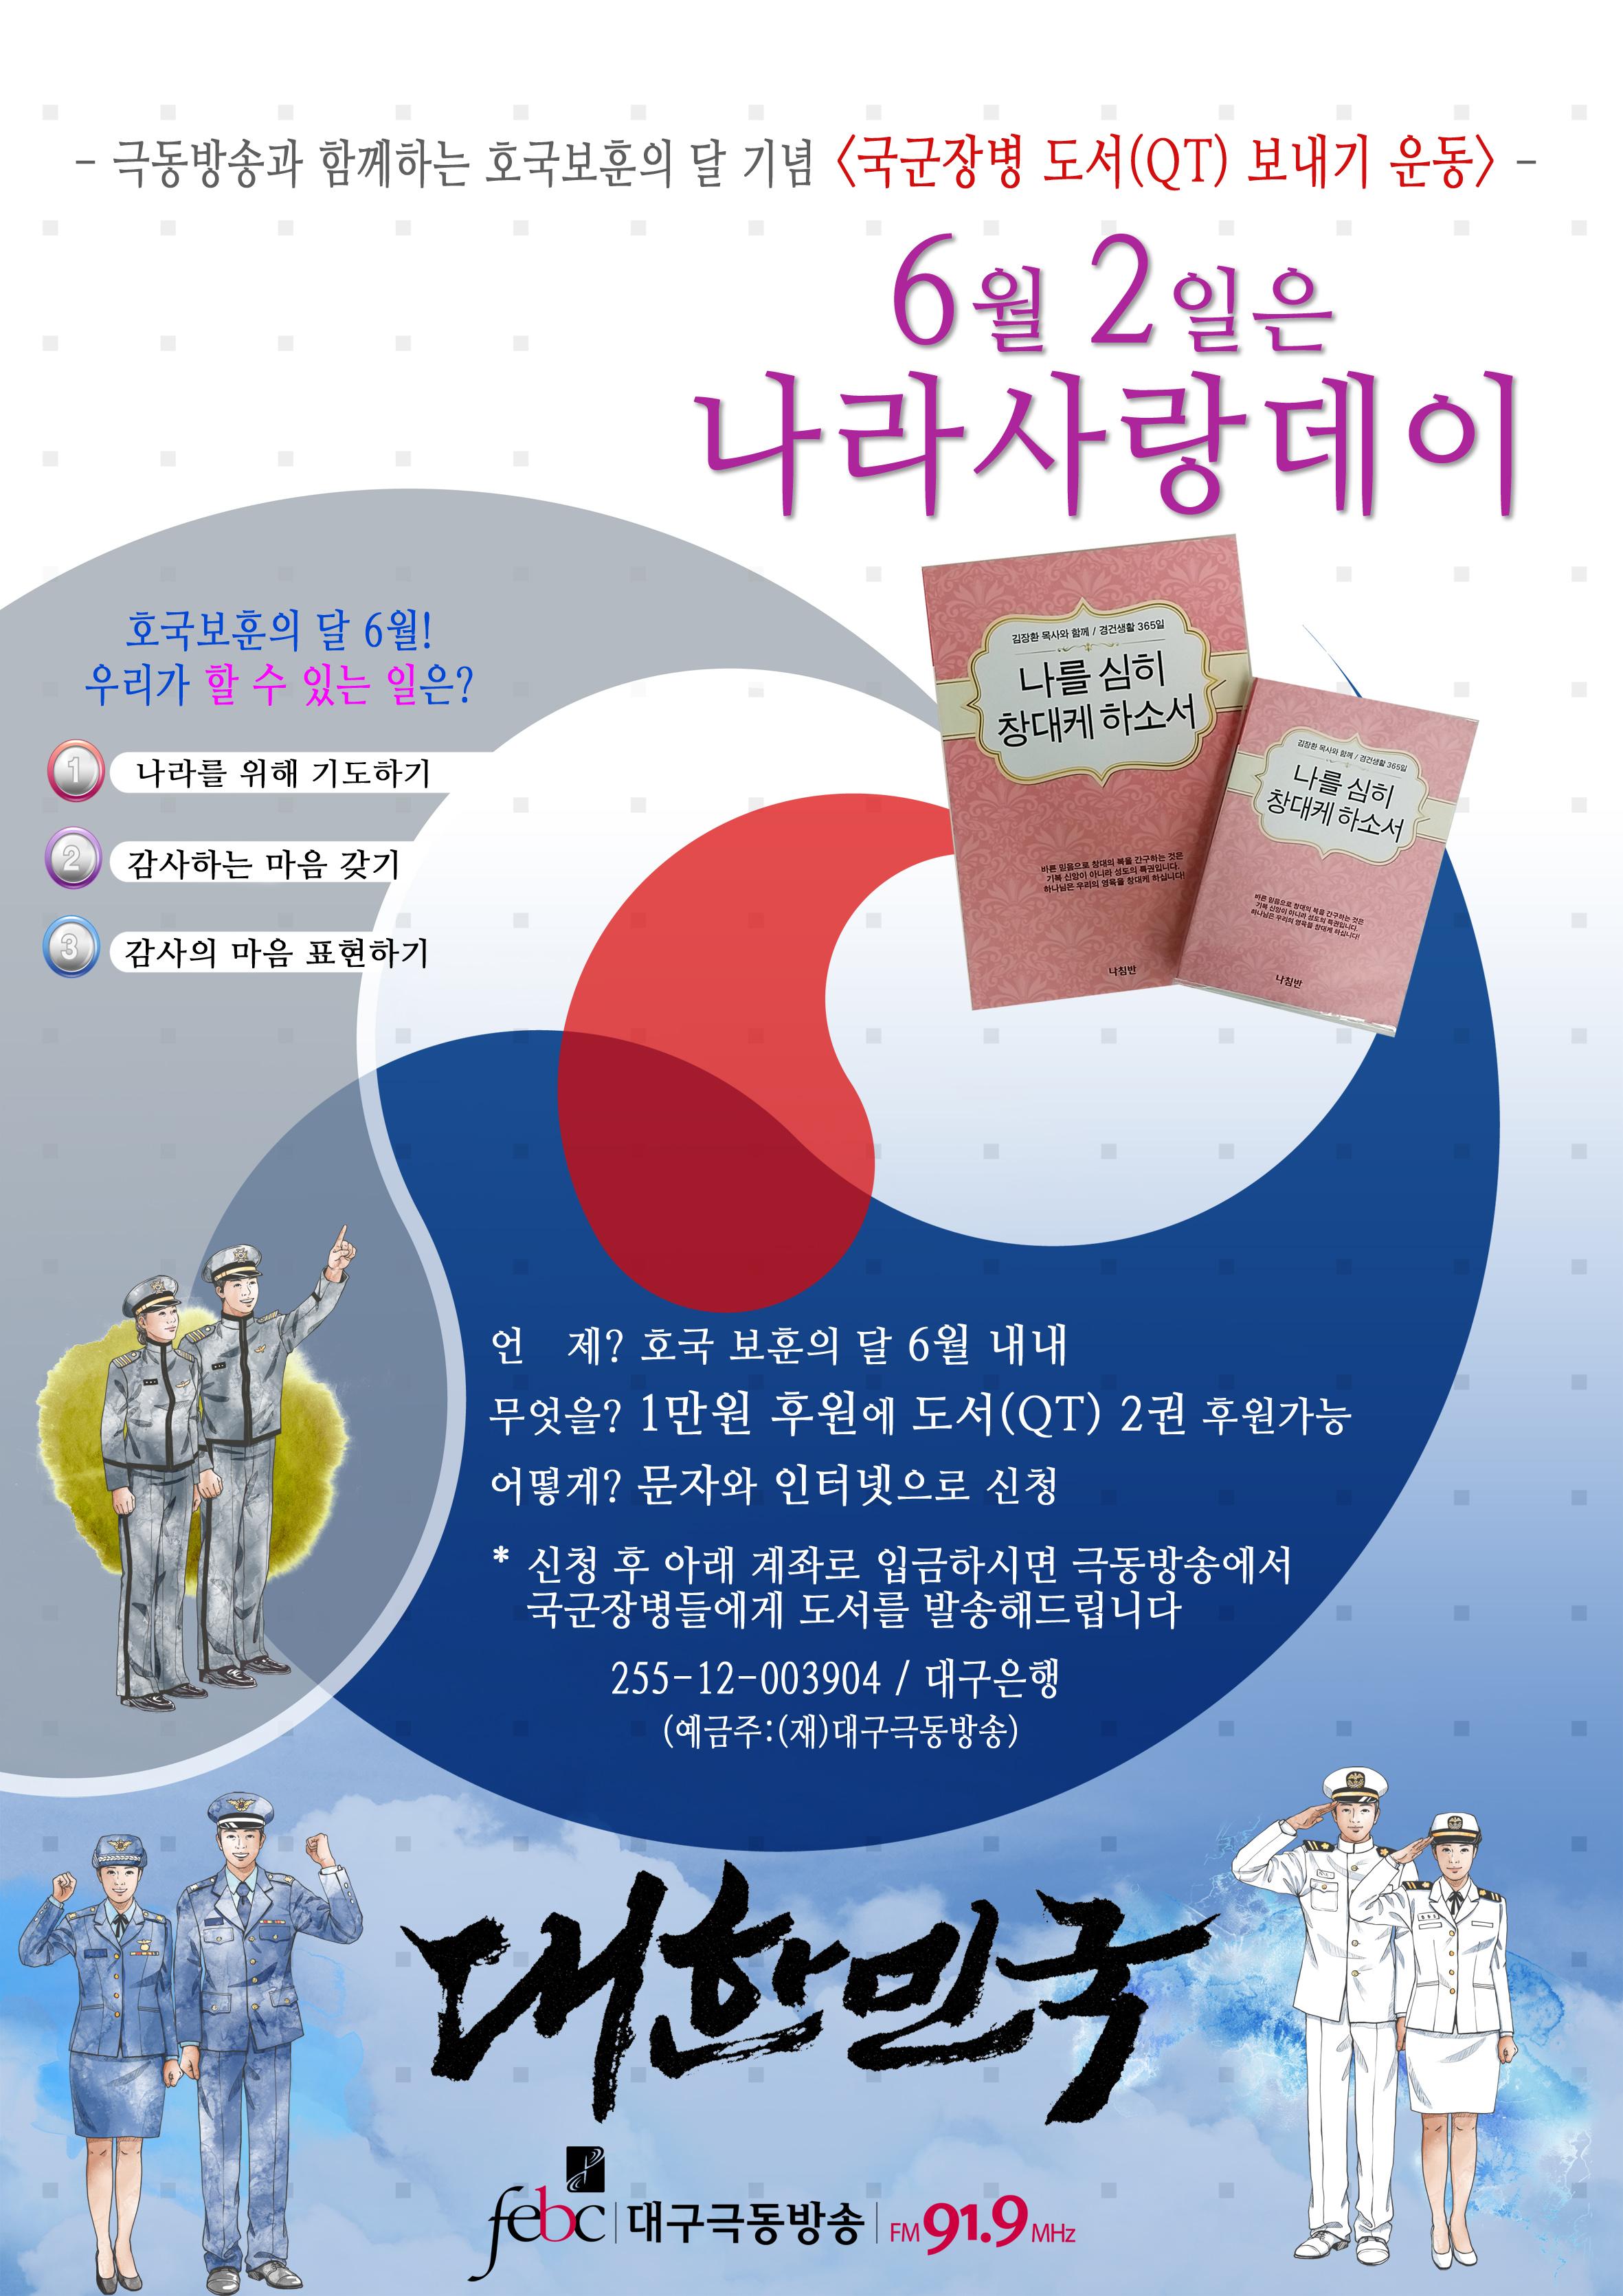 2014_6월나라사랑데이팝업(수정본).jpg